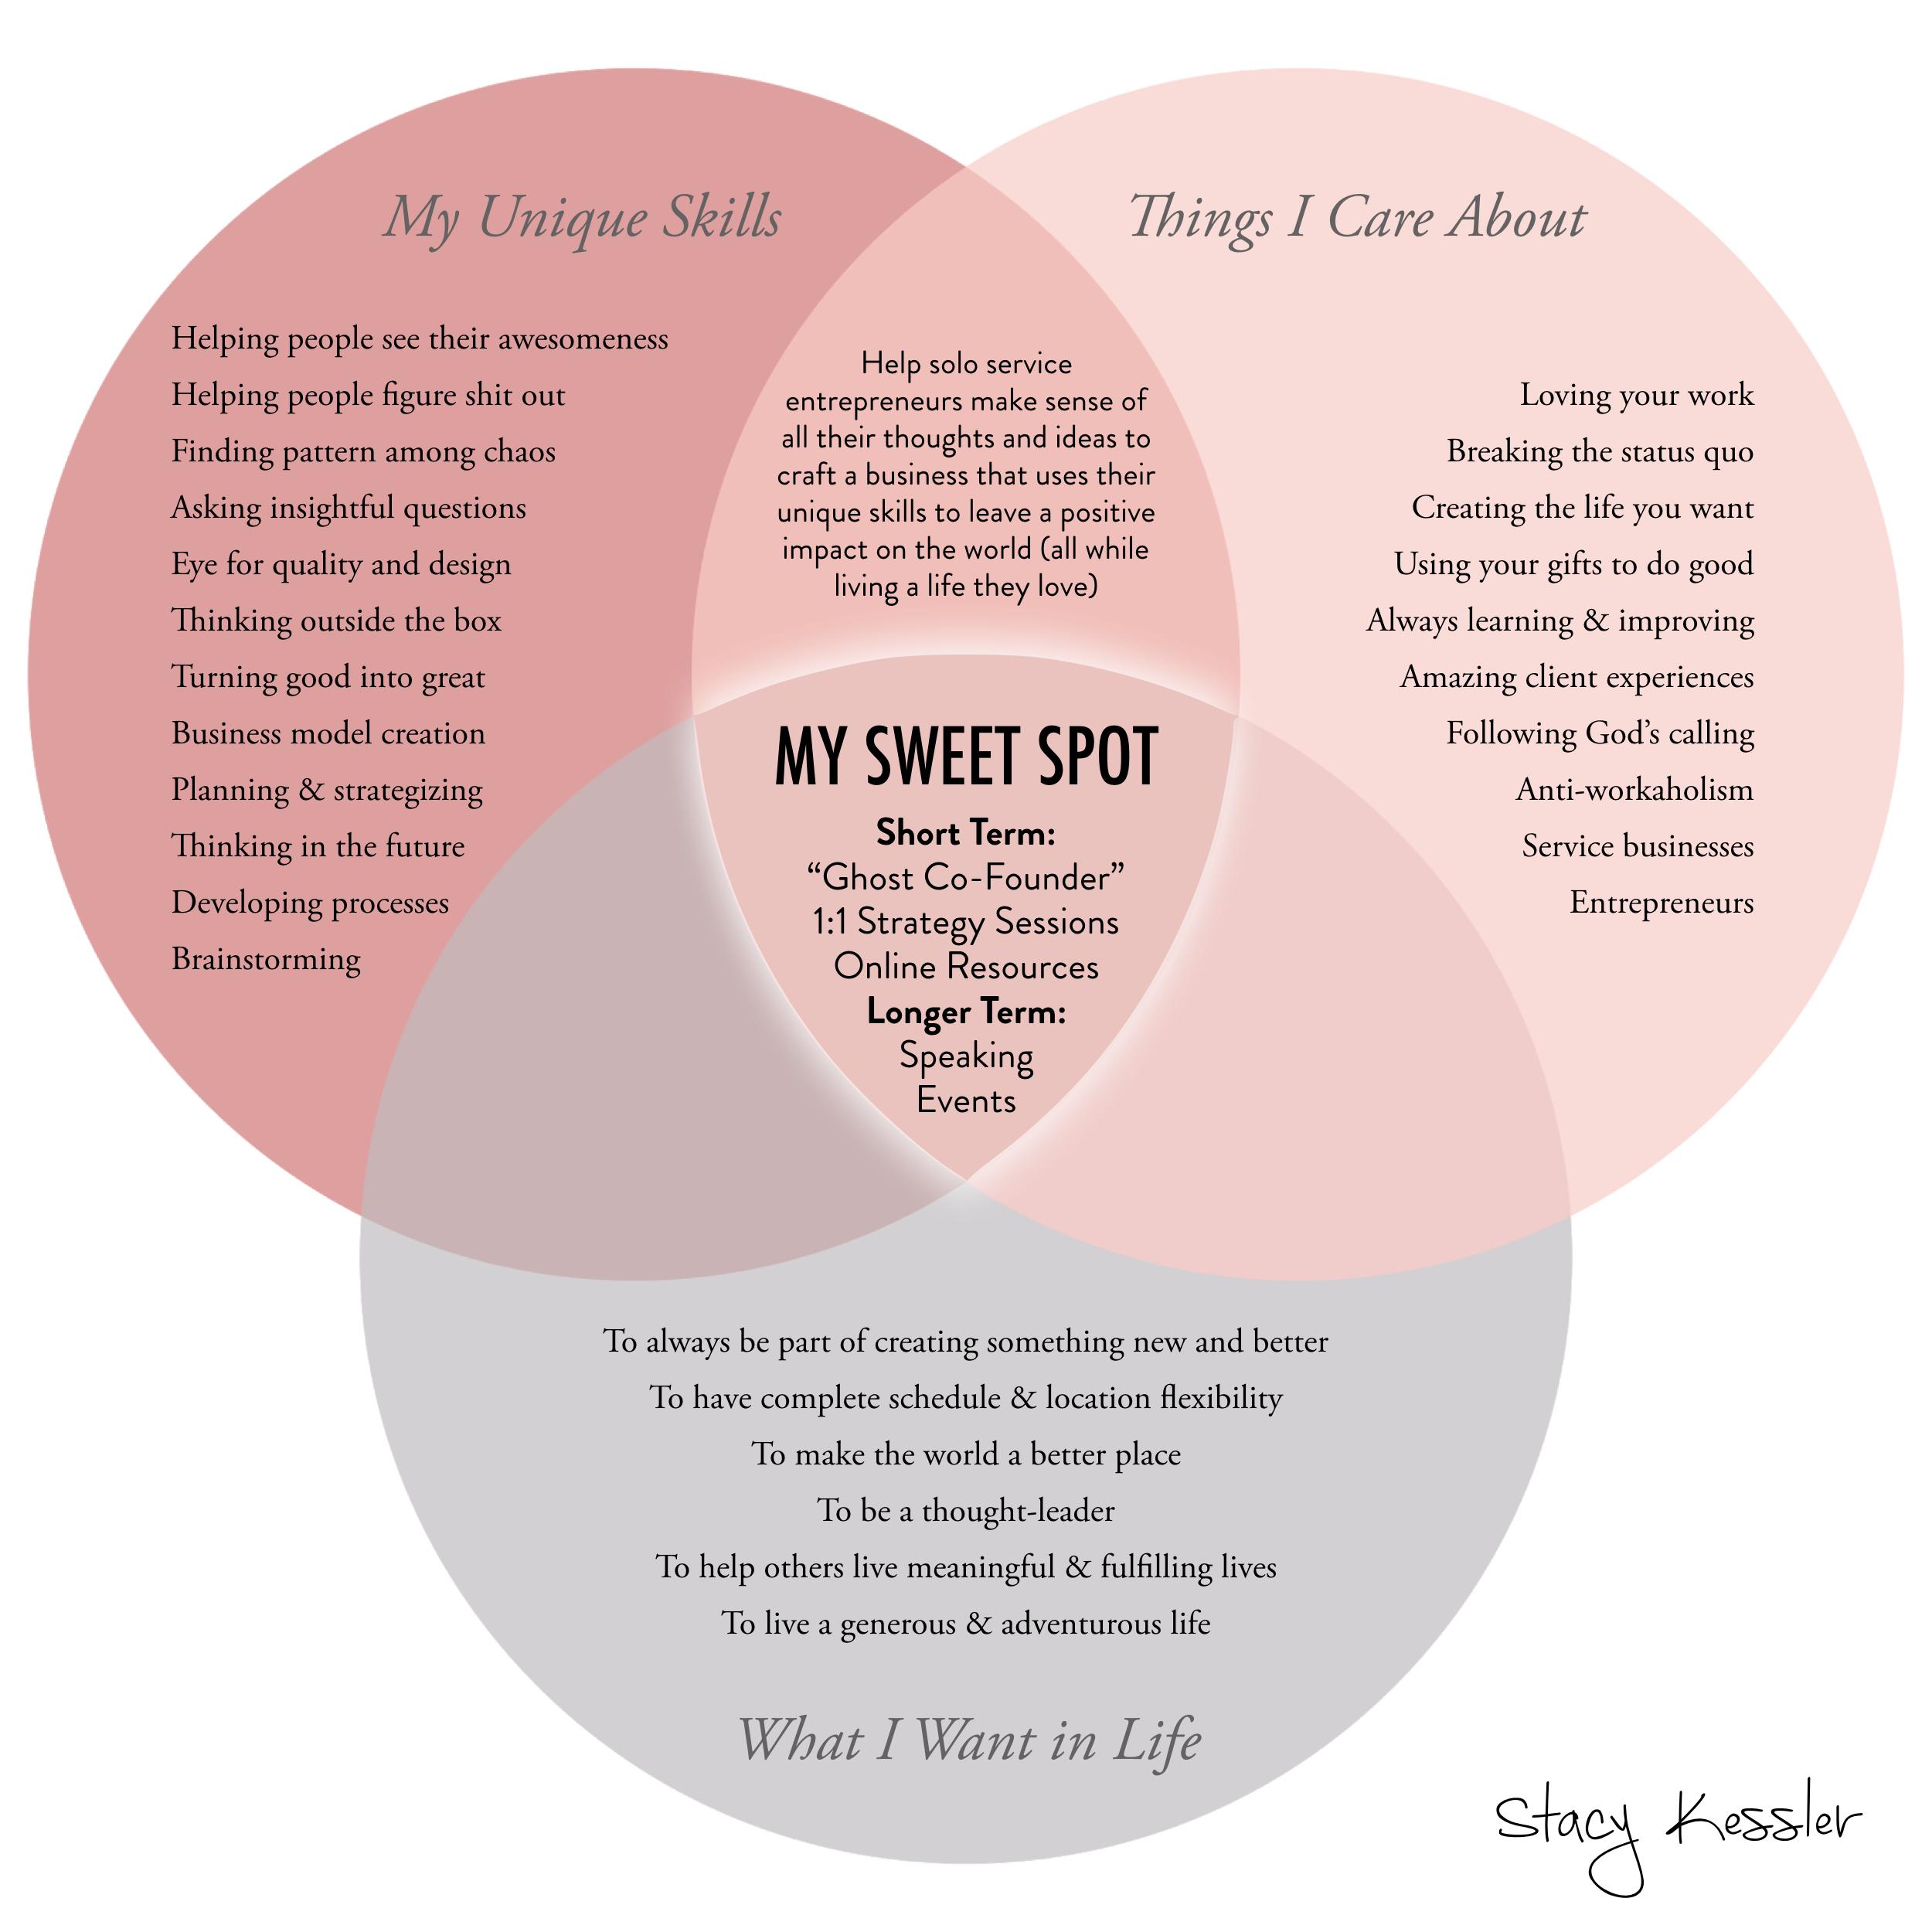 Sweet Spot venn diagram example stacy kessler